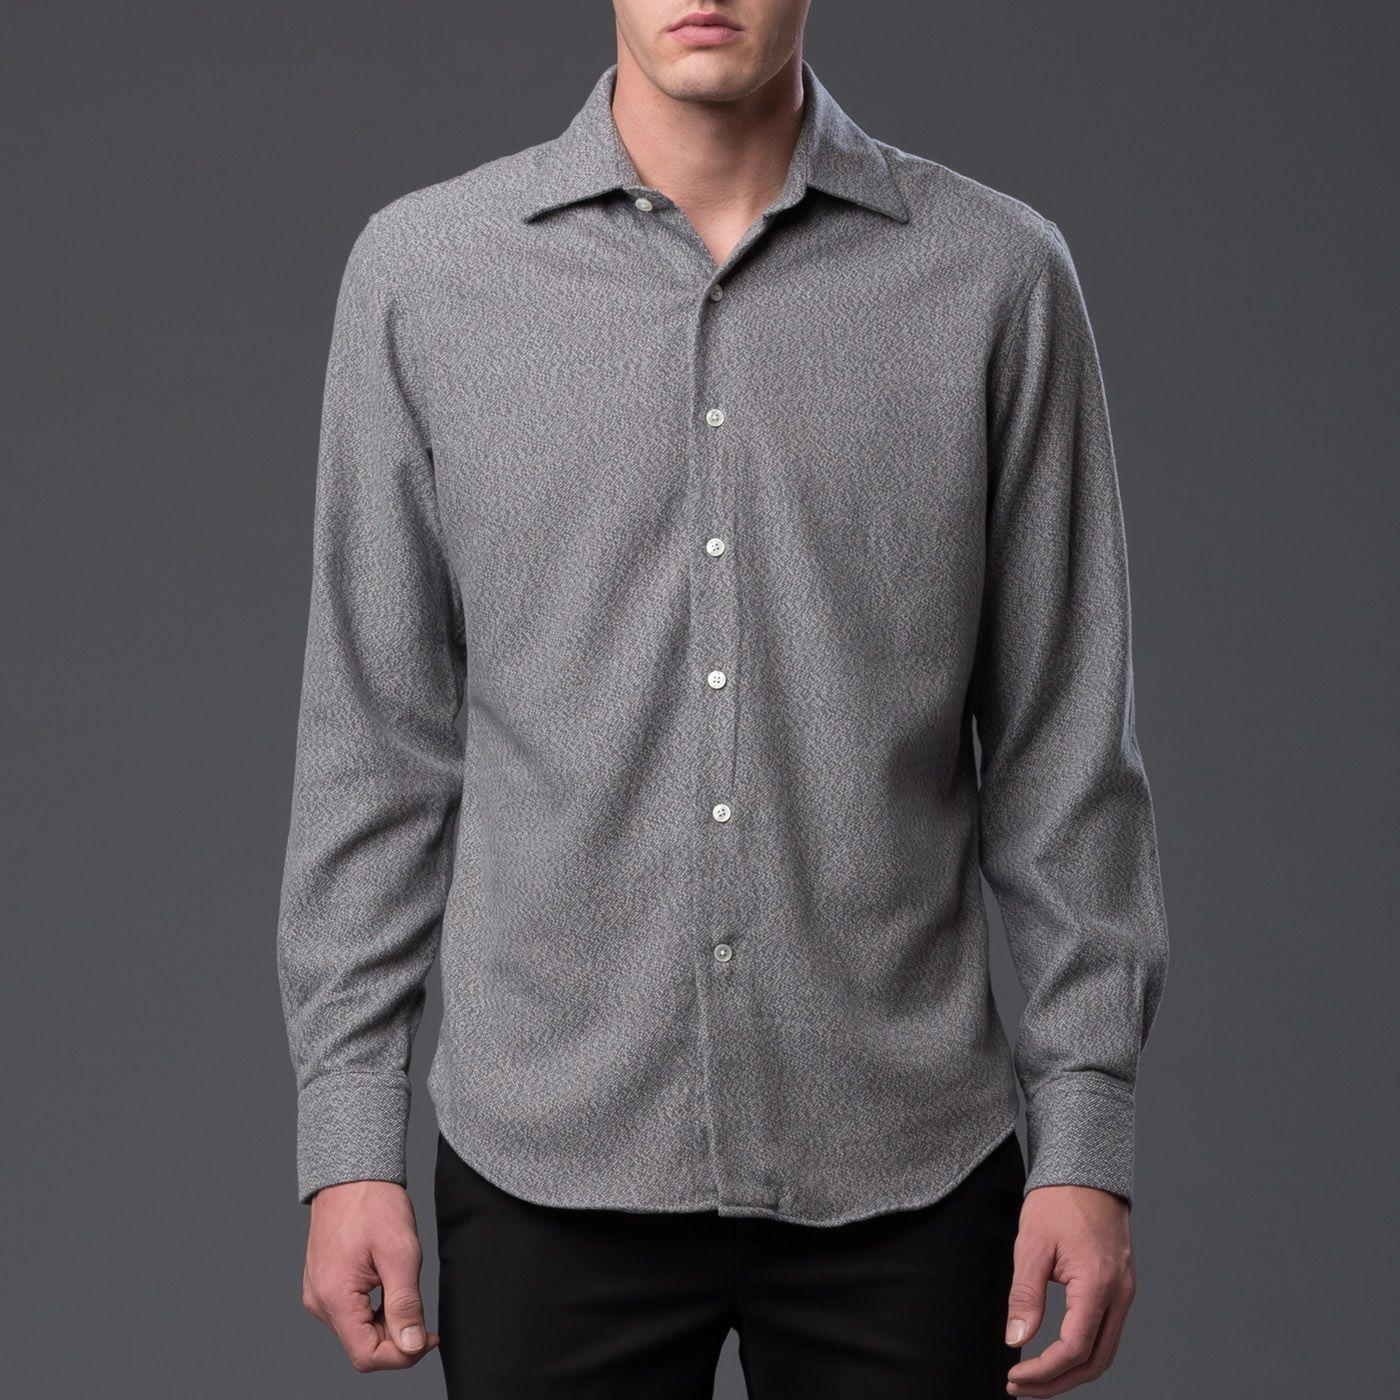 Grey Flannel Hopkins Oxford Shirts, Shirts grey, Grey